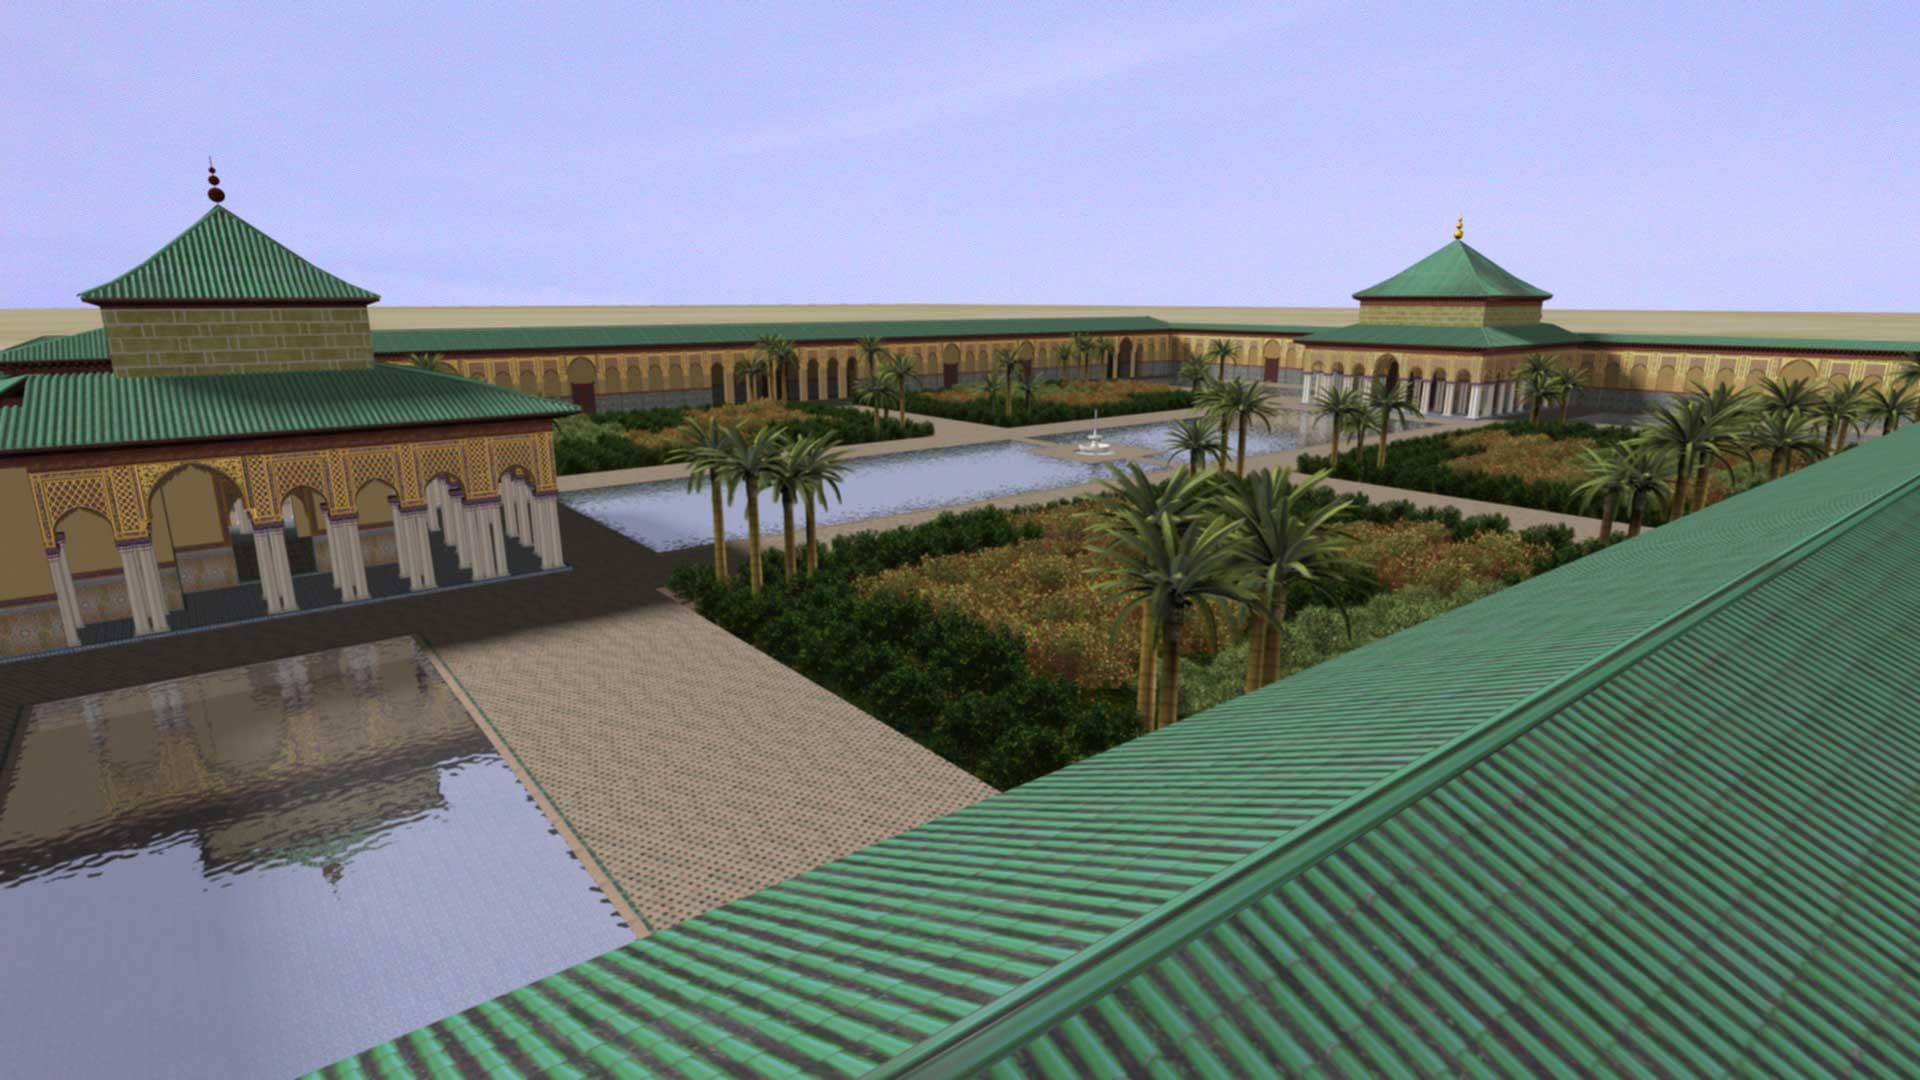 virtual palais el badi ©Antonio Almagro LAAC, Escuela de Estudios Árabes, CSIC. Granada